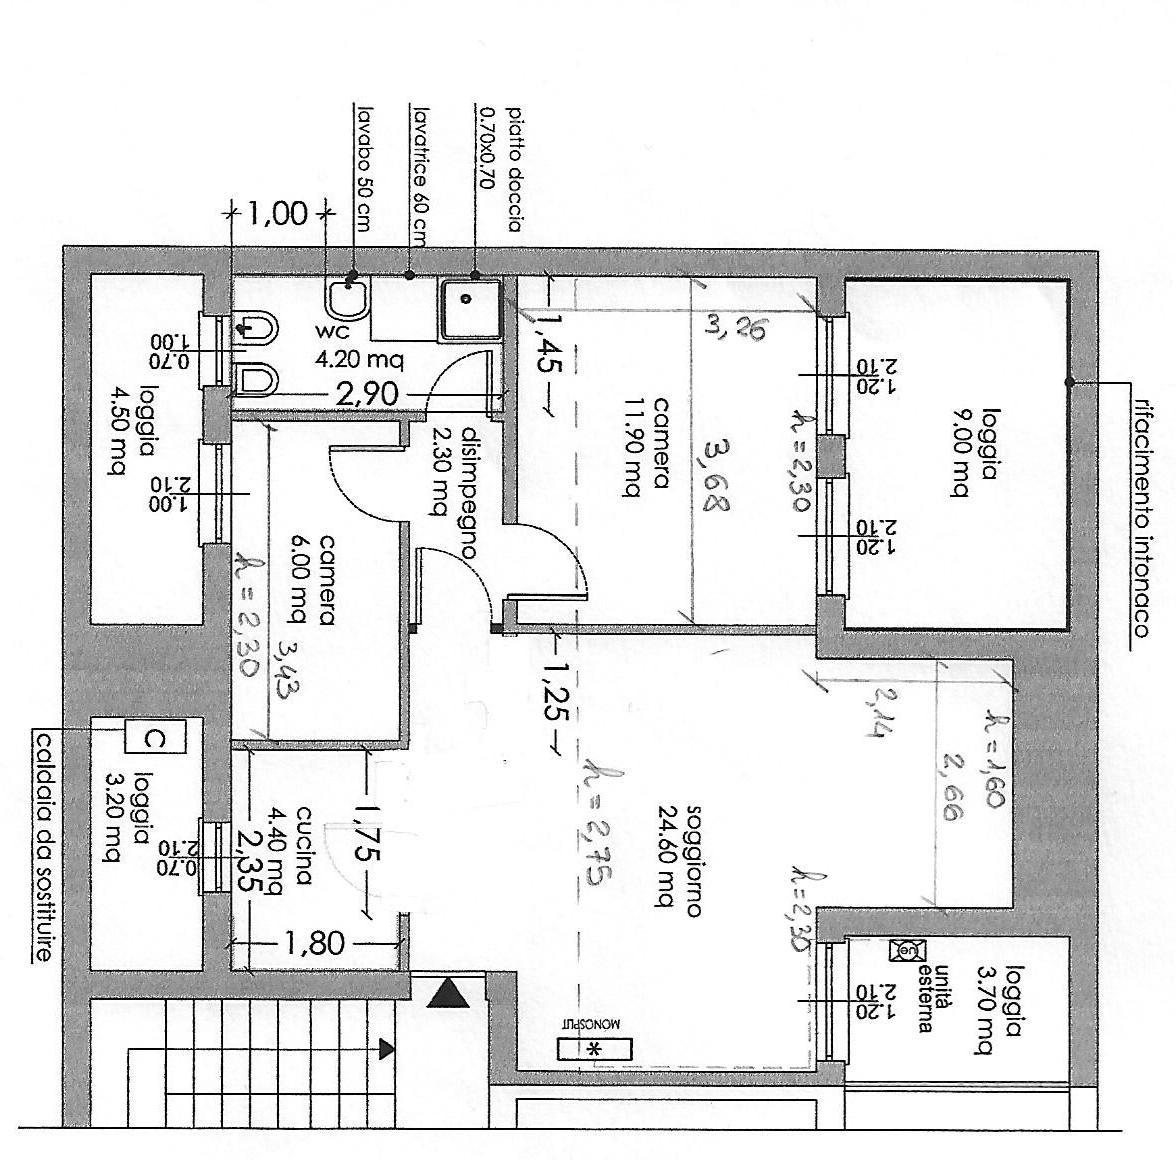 Preventivo armadi guardaroba mobili casa a ferrara online - Arredamento casa completo economico ...